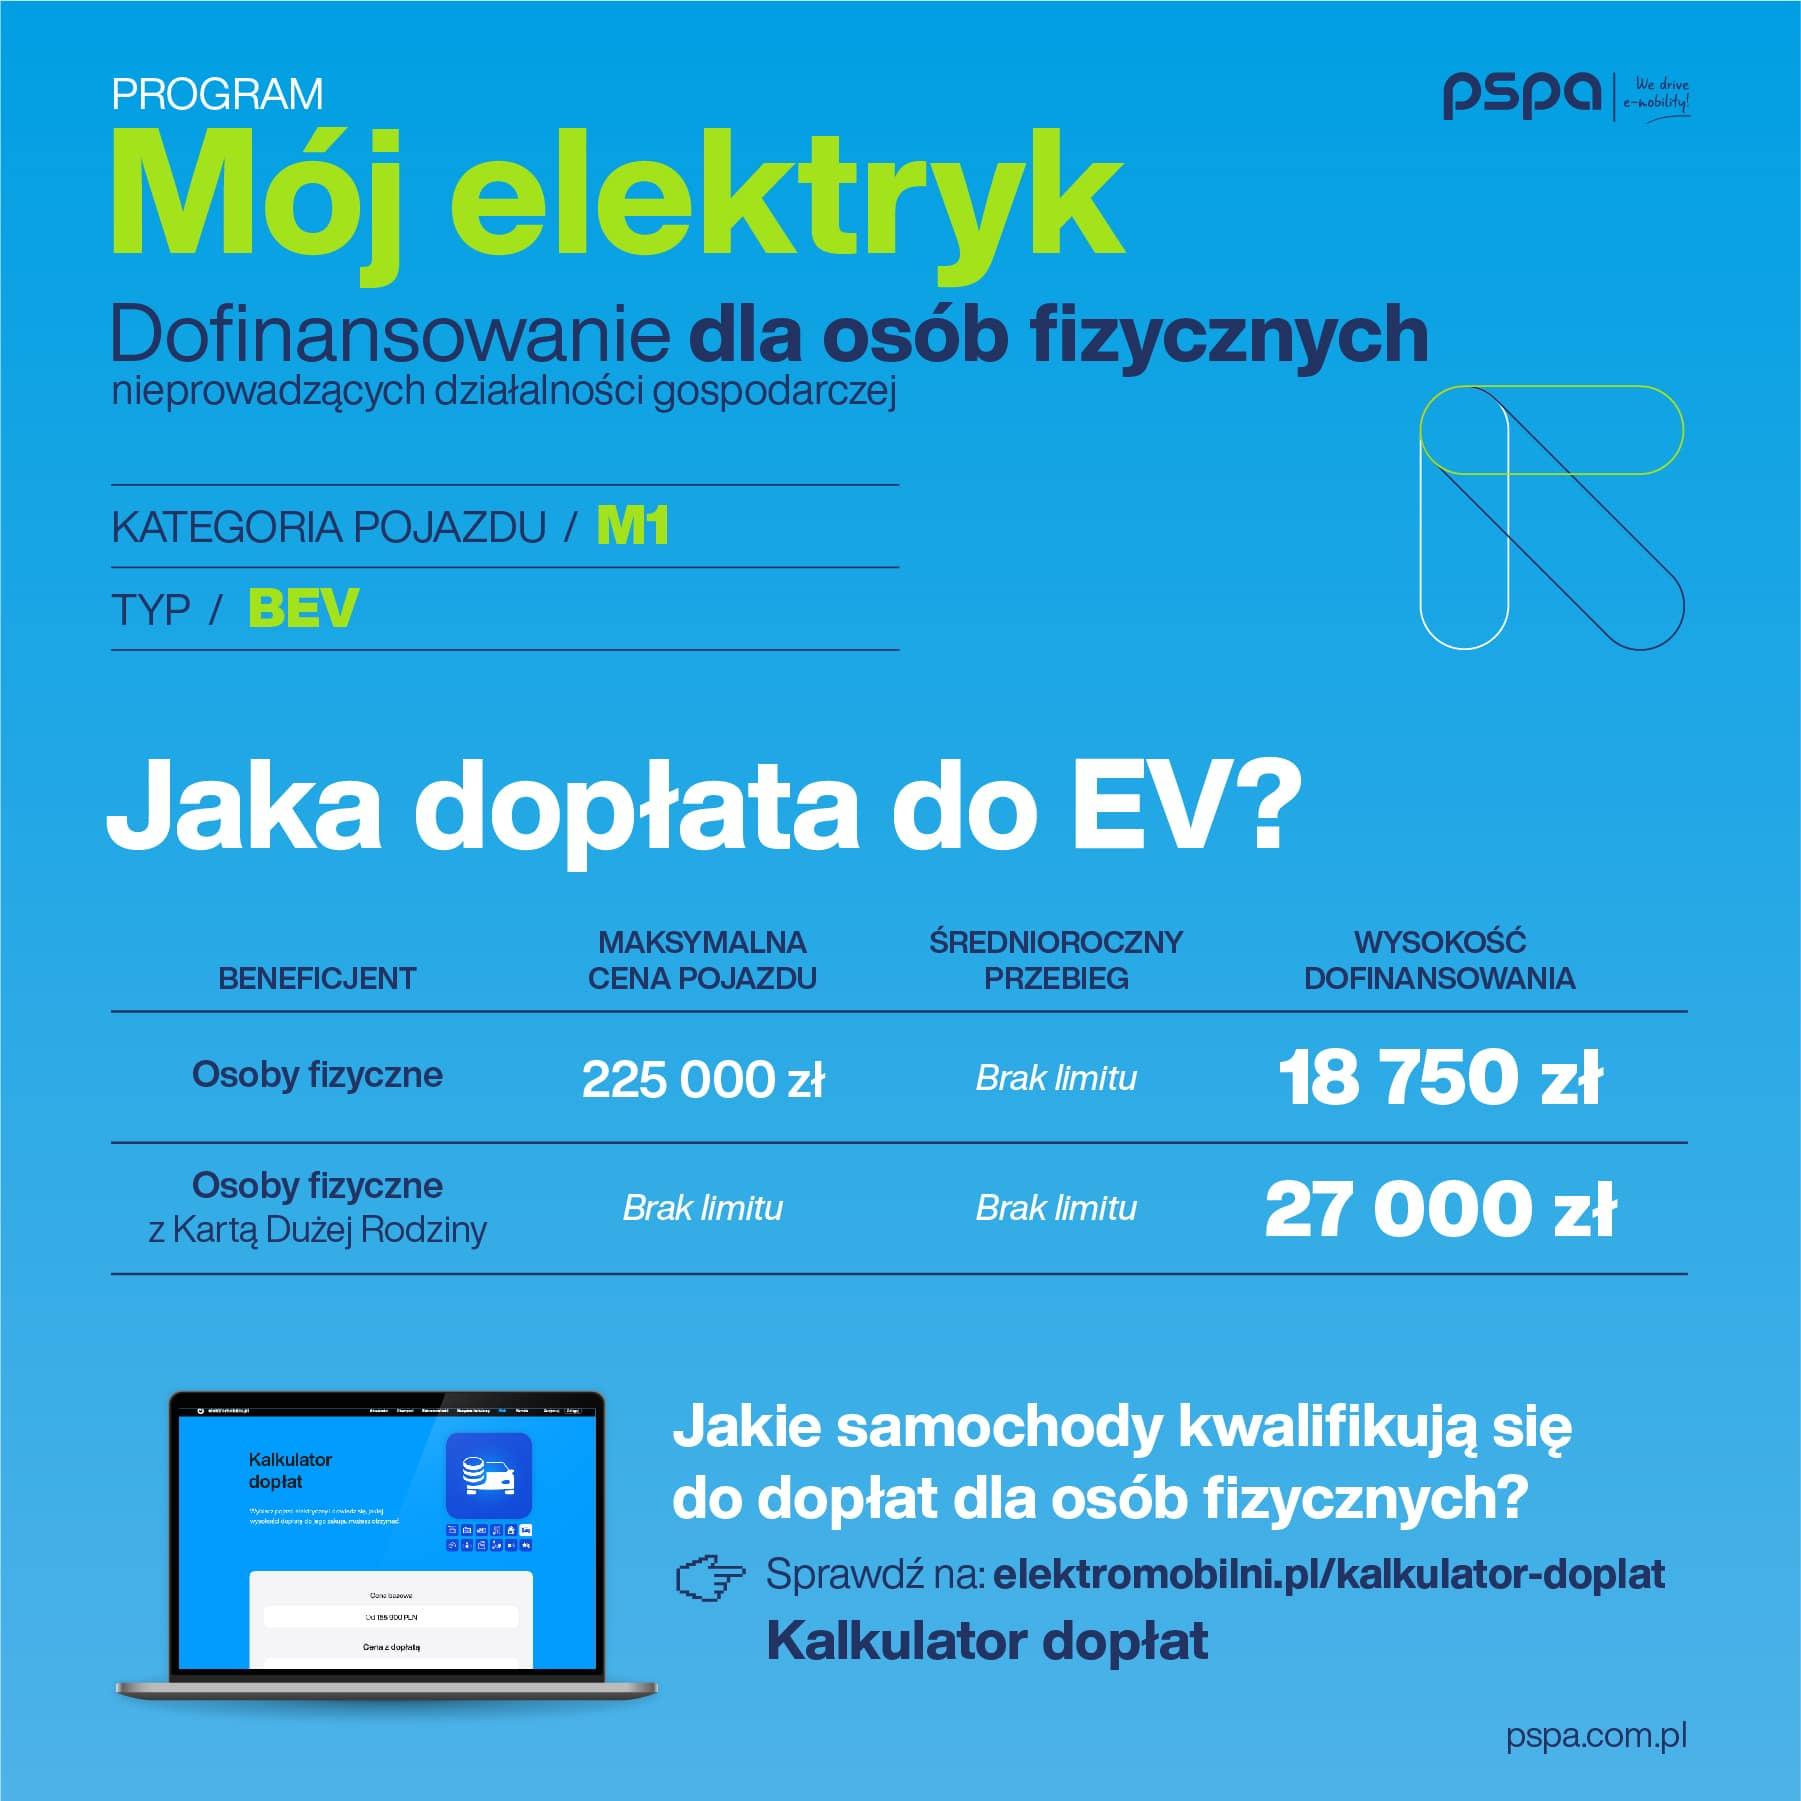 pspa_doplaty_moj_elektryk_grafika_1080x1080px_01